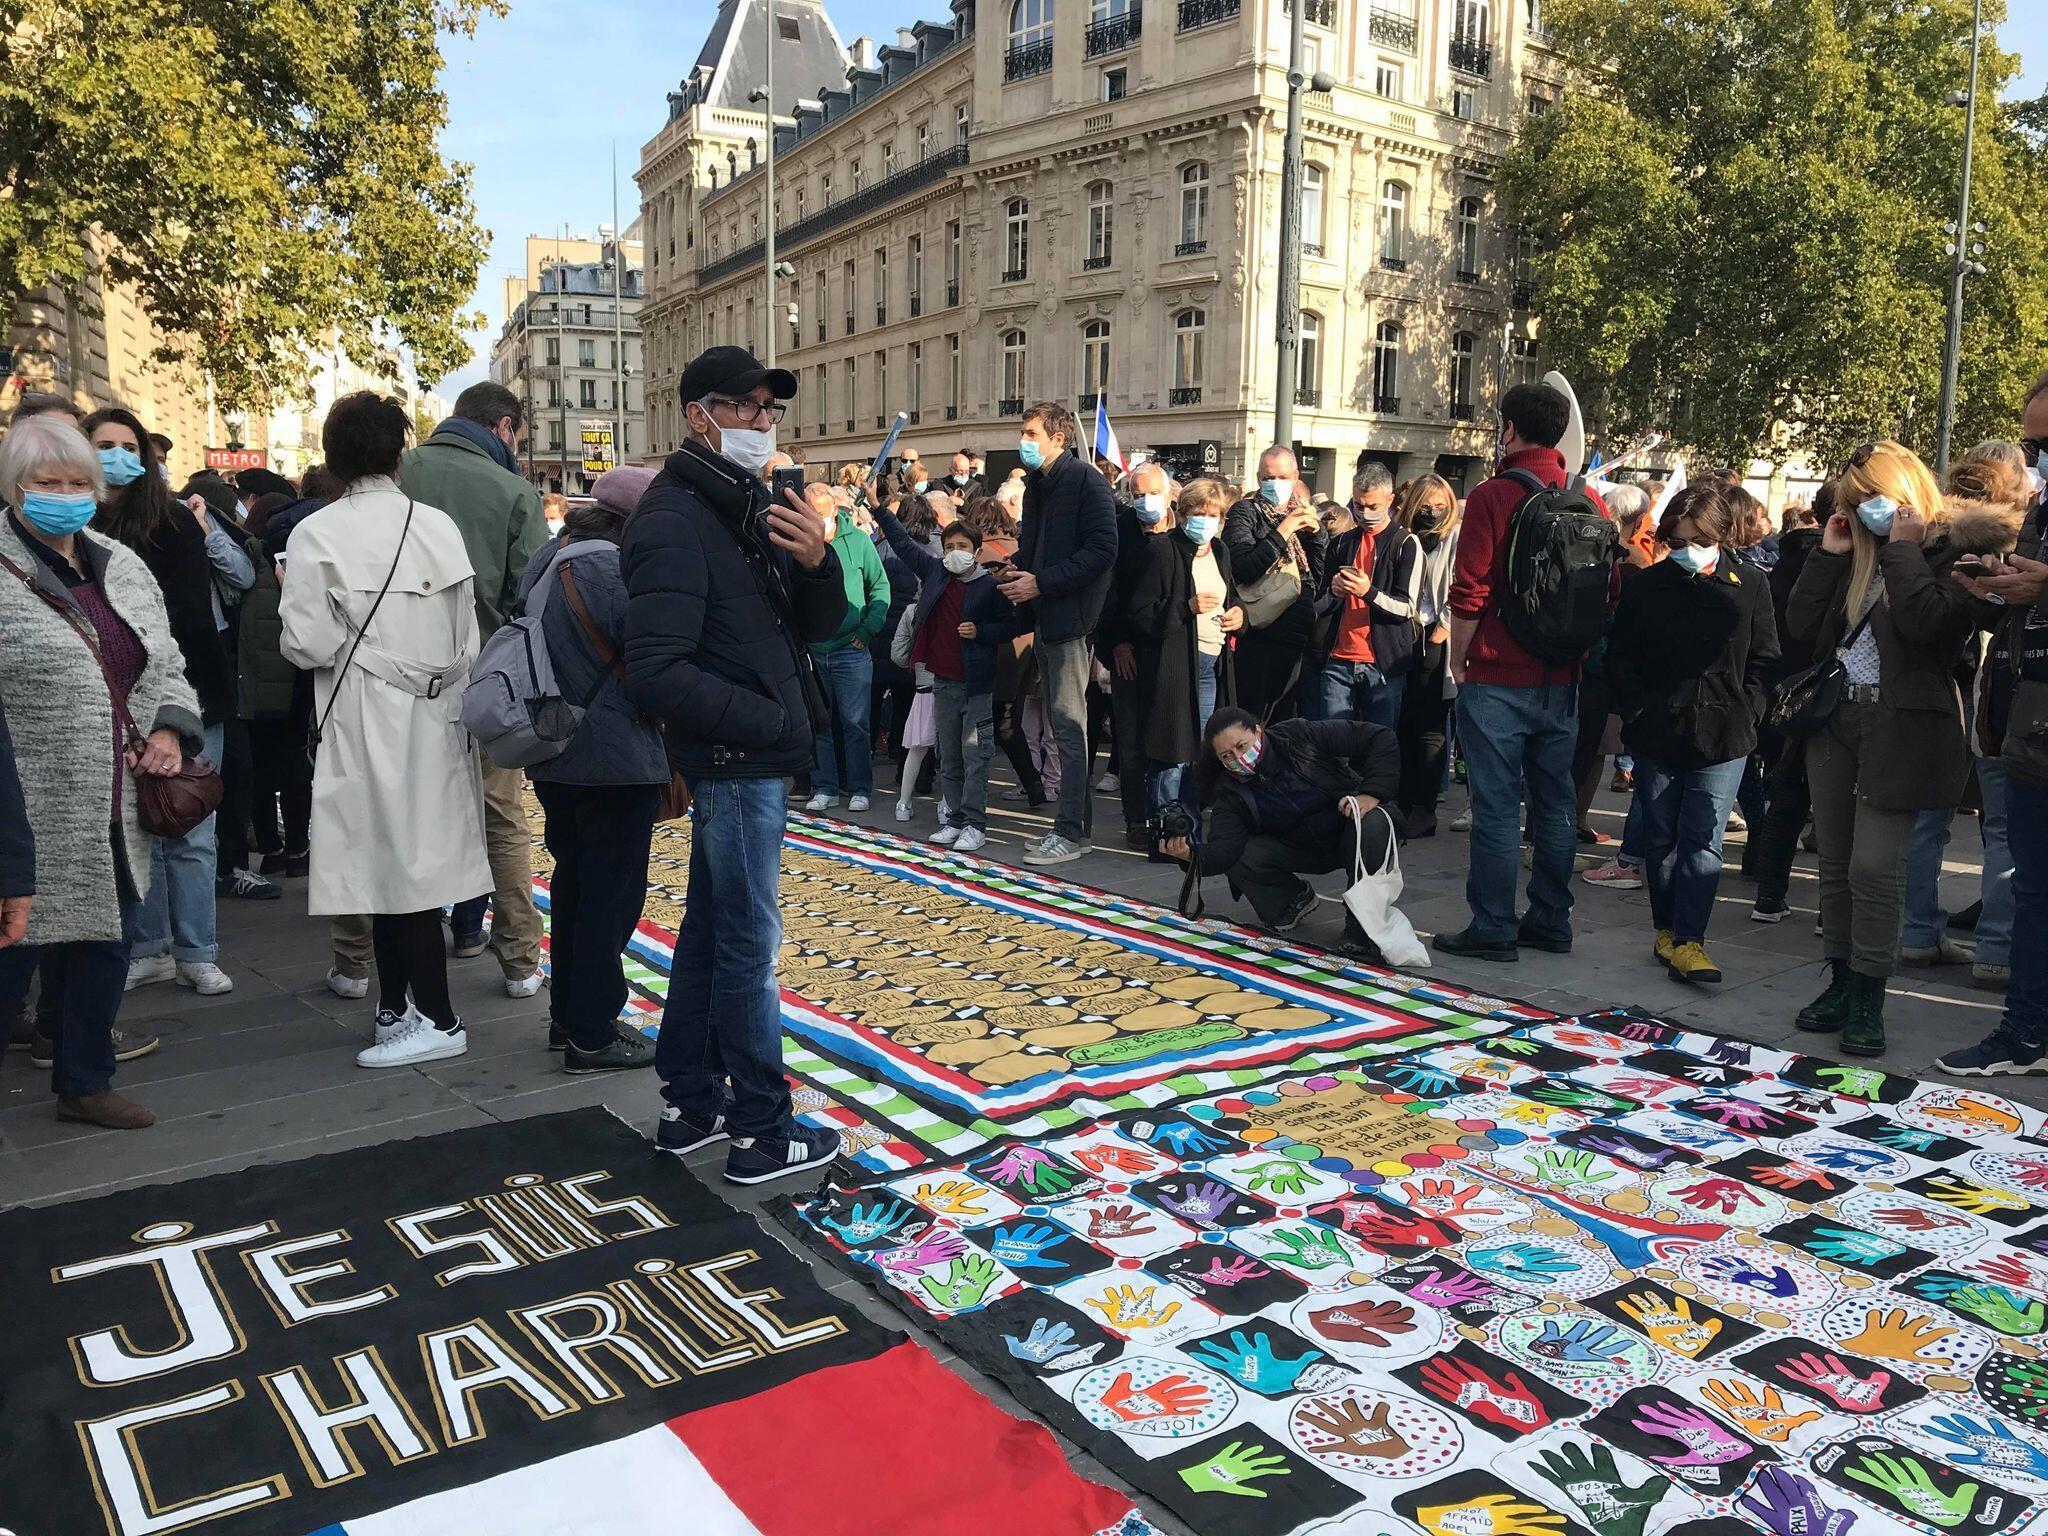 Акция памяти убитого террористом учителя Самюэля Пати. Площадь Республики в Париже, 18 октября 2020.